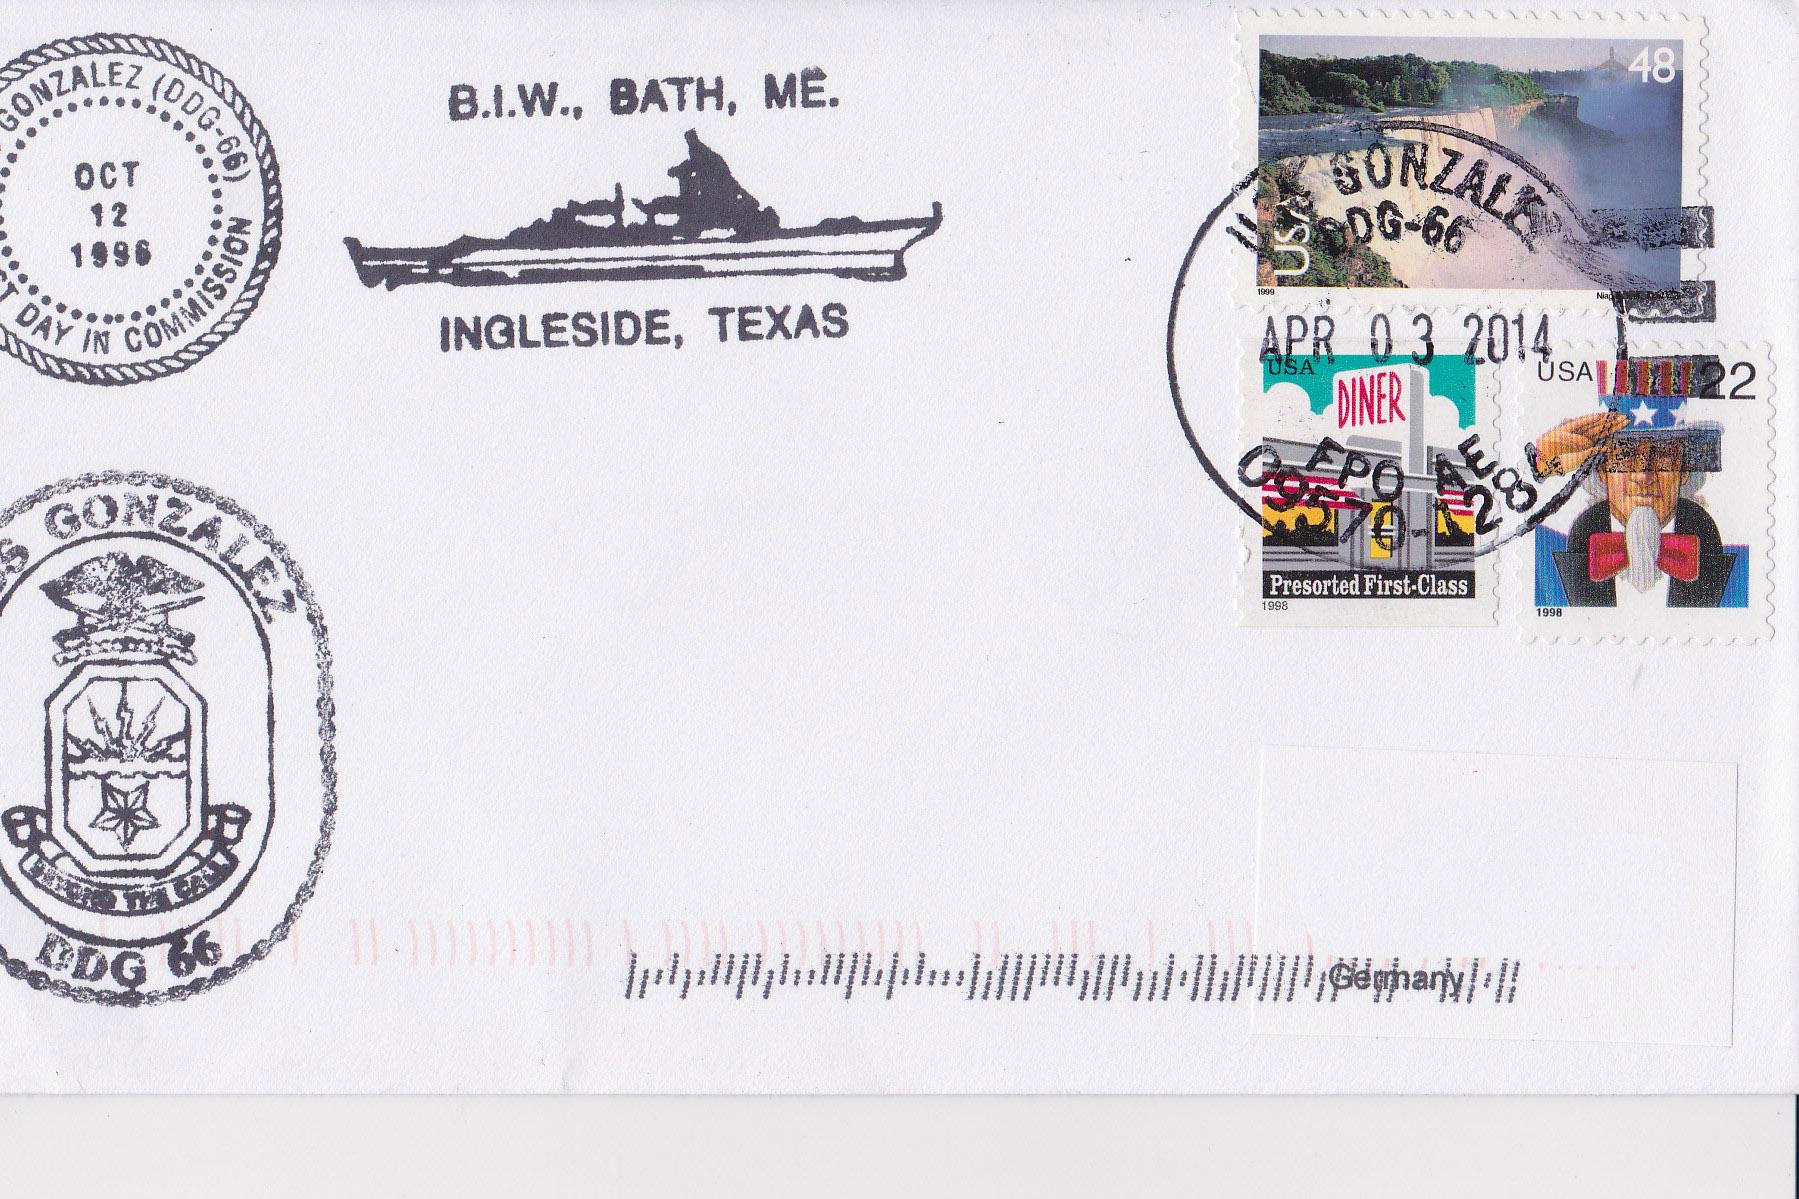 Beleg USS GONZALEZ DDG-66 vom 03.04.2014 von Heinz Grasse